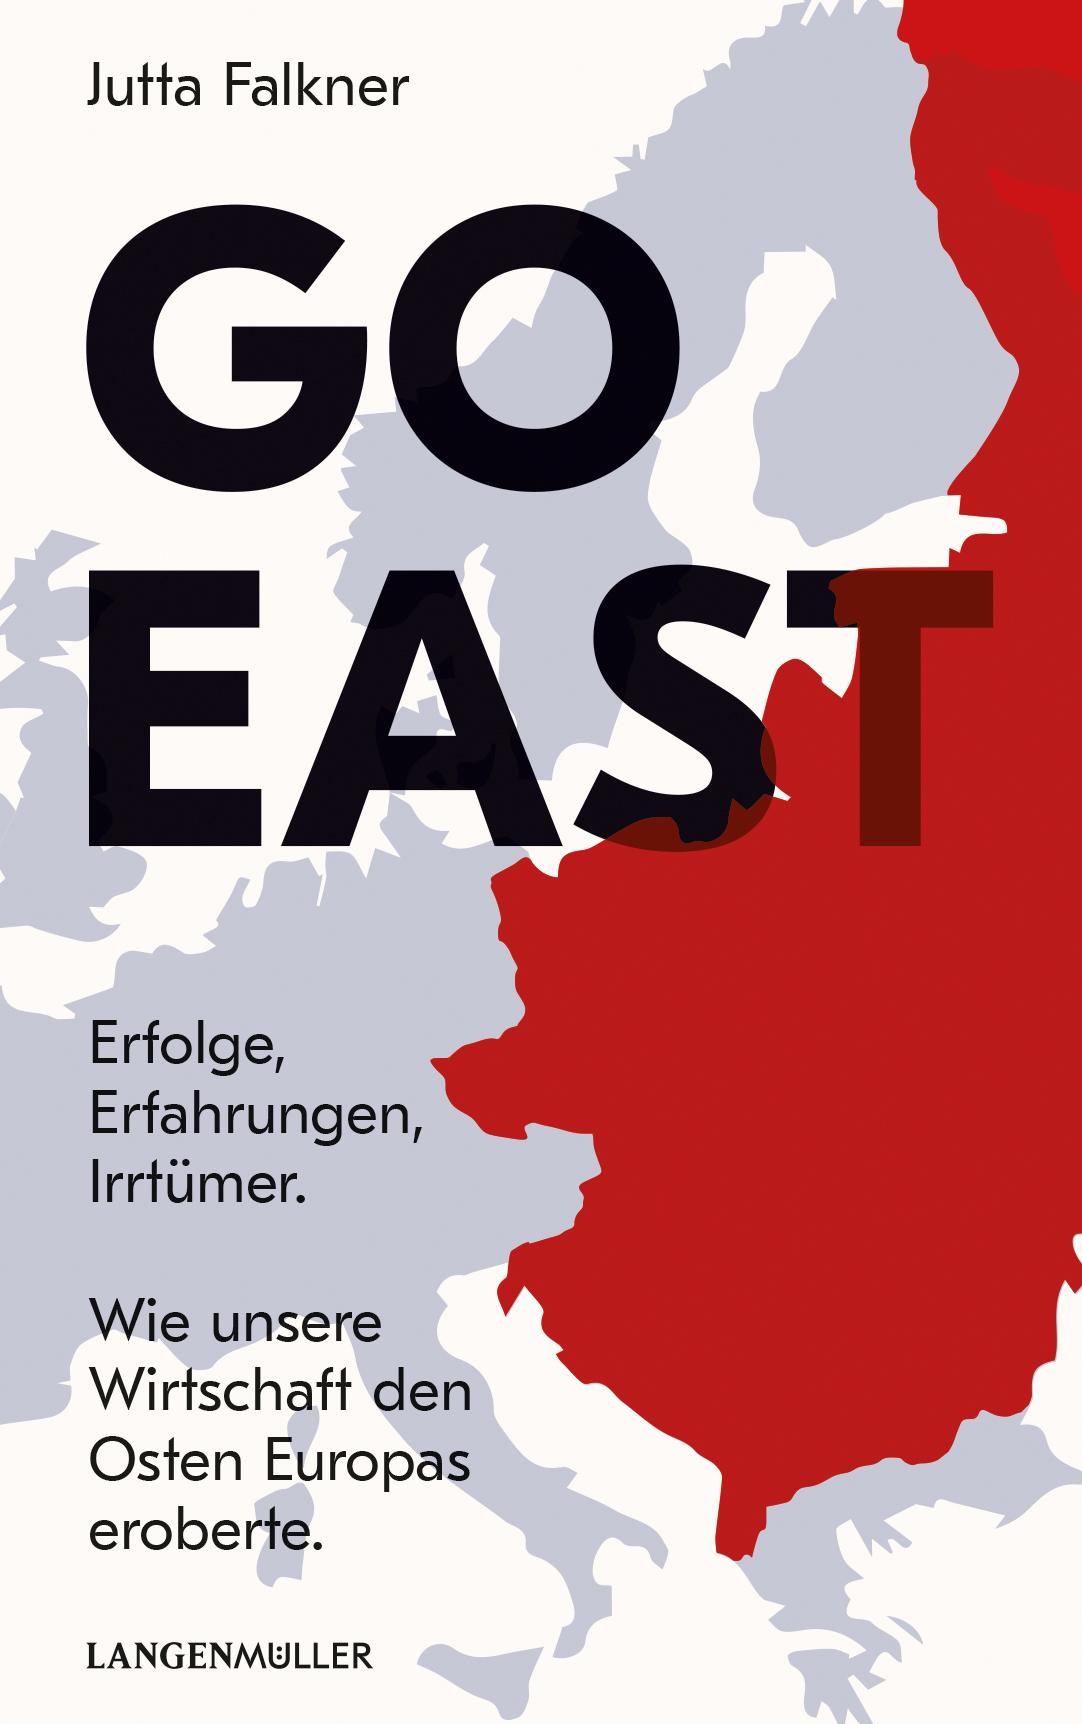 30 Jahre Transformation in Ost- und Mitteleuropa